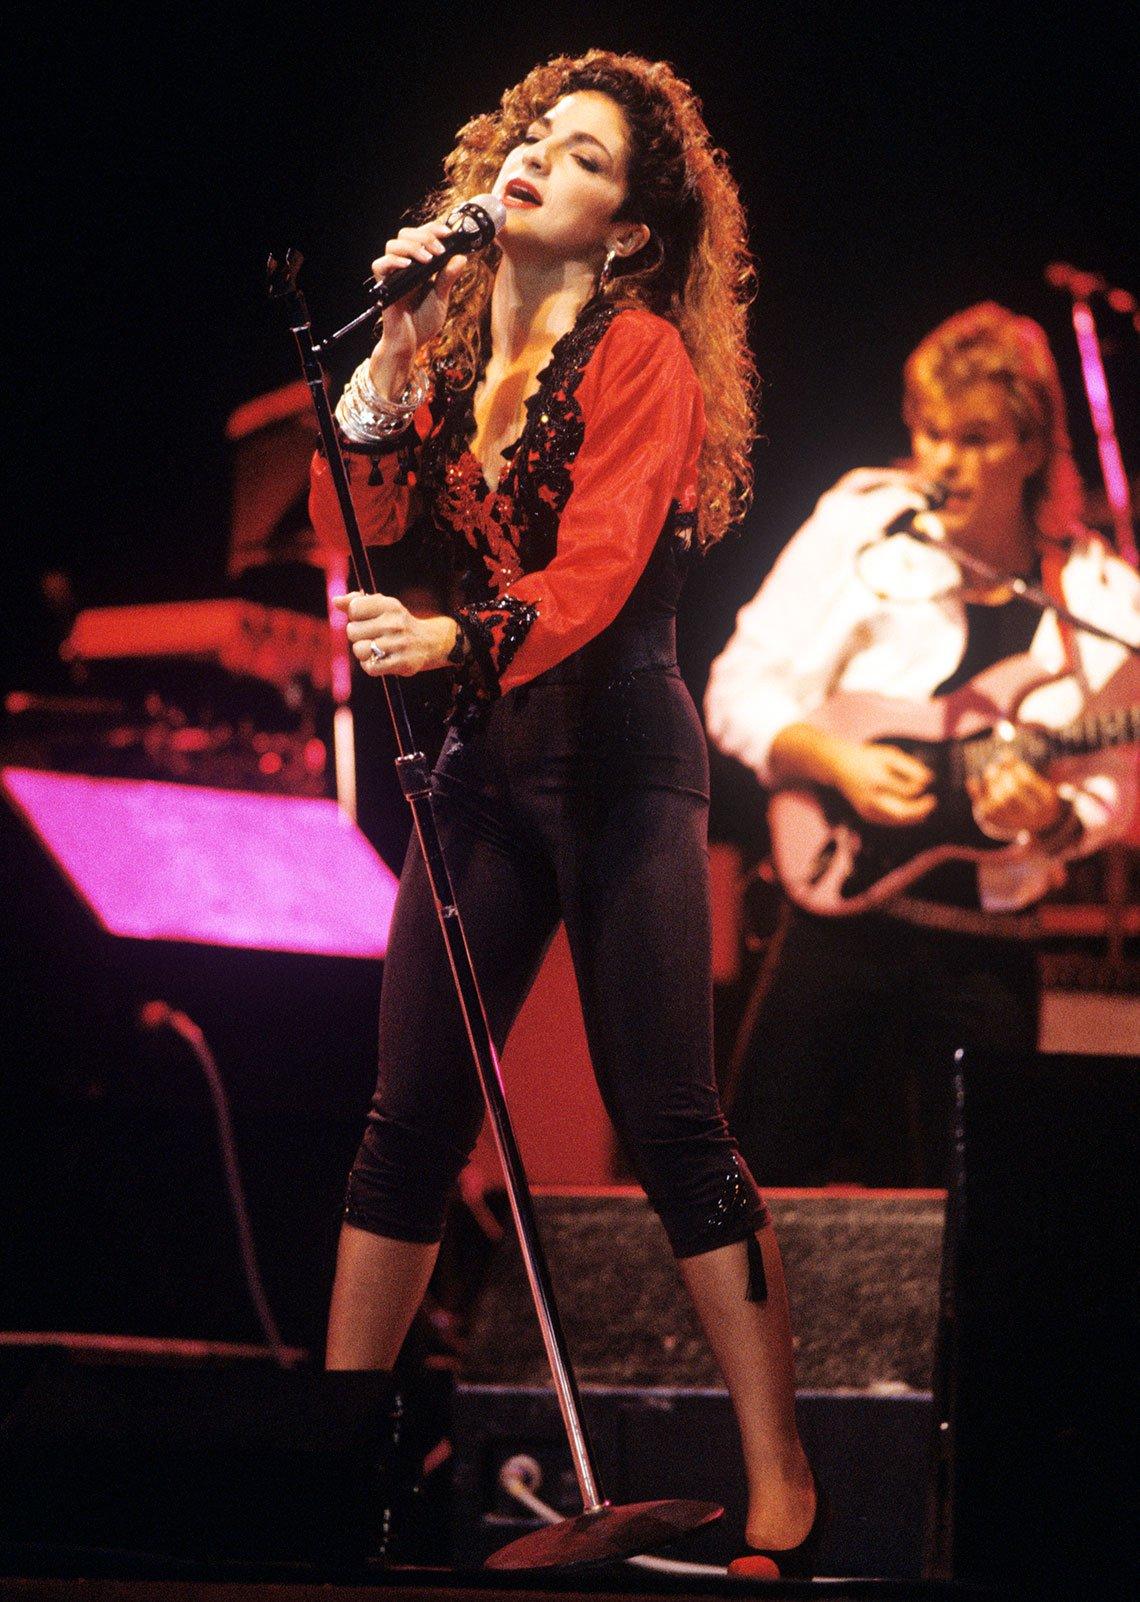 Gloria Estefan en un concierto en el Radio City Hall, Nueva York, 1988.